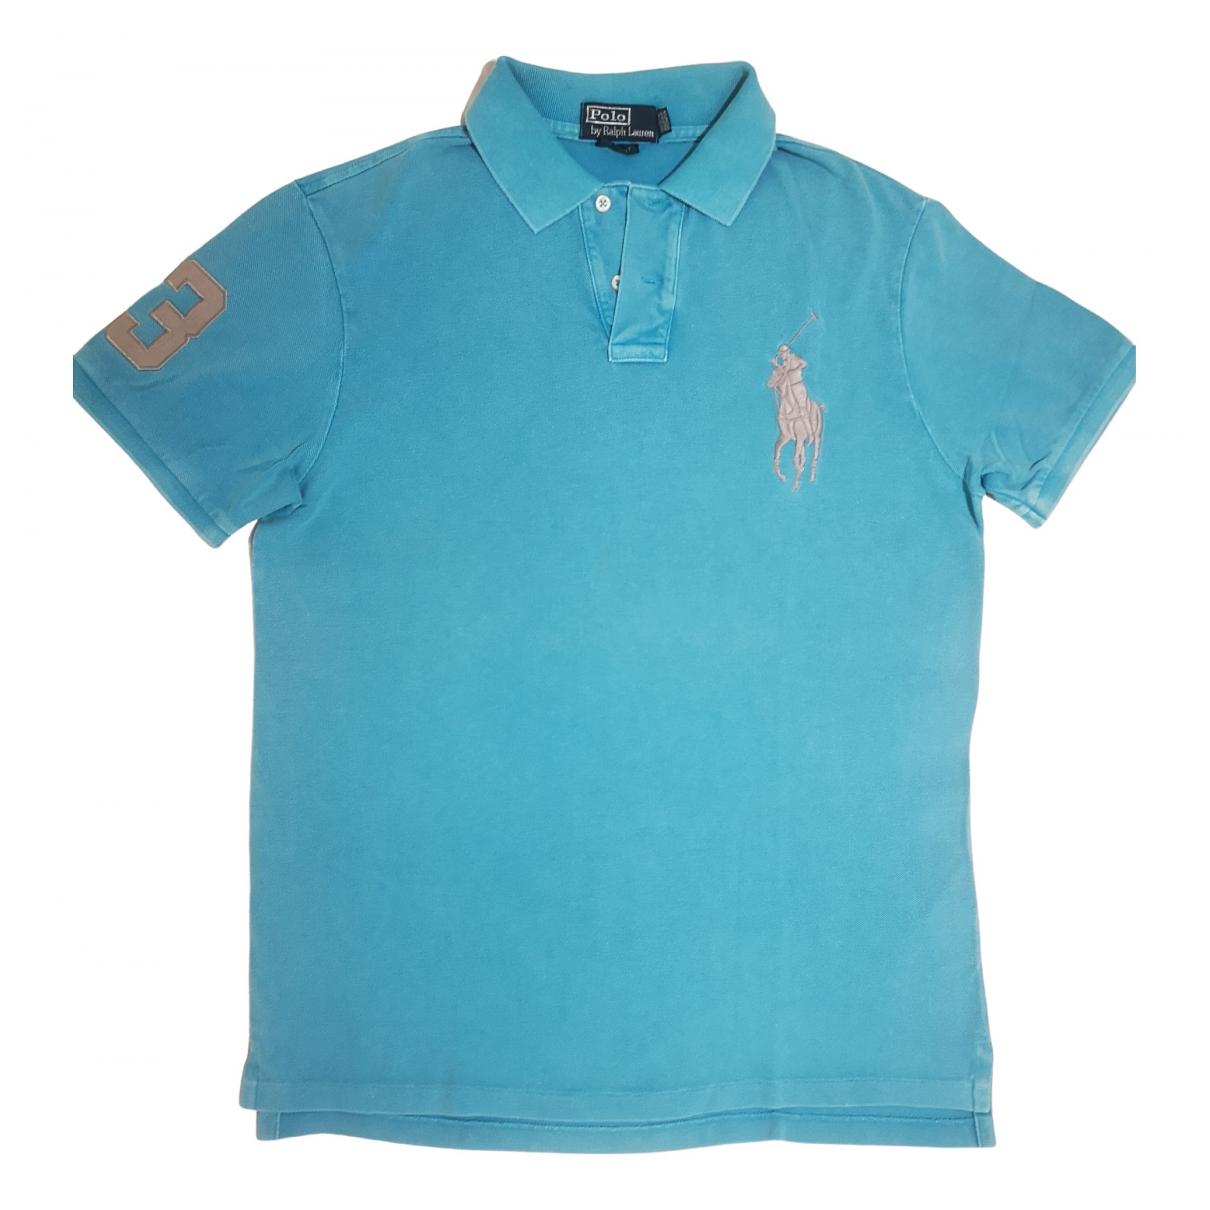 Polo Ralph Lauren Polo ajusté manches courtes Cotton Polo shirts for Men L International